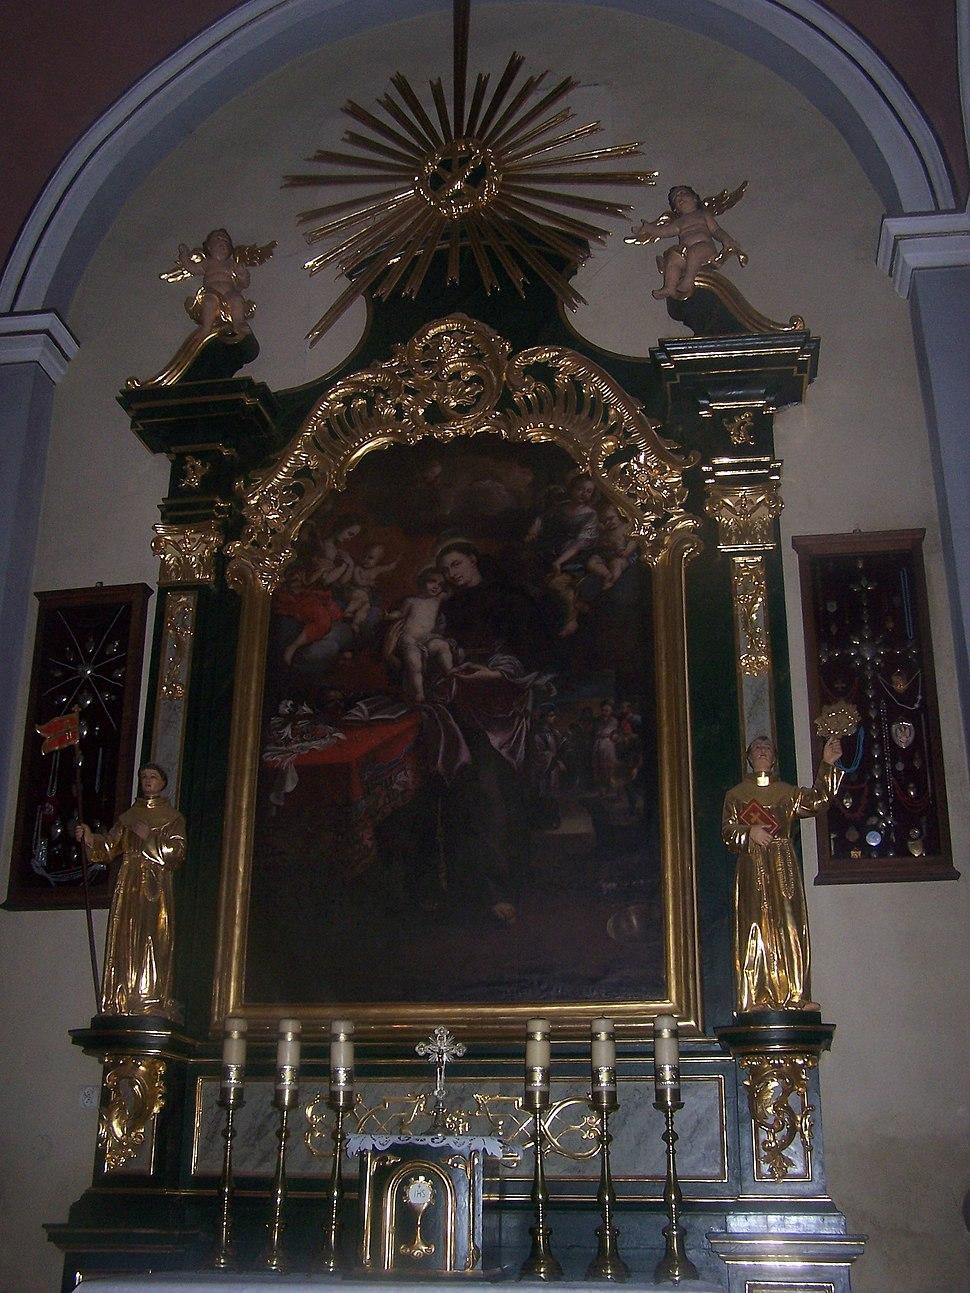 Cudowny Obraz Swietego Antoniego w Przeworsku